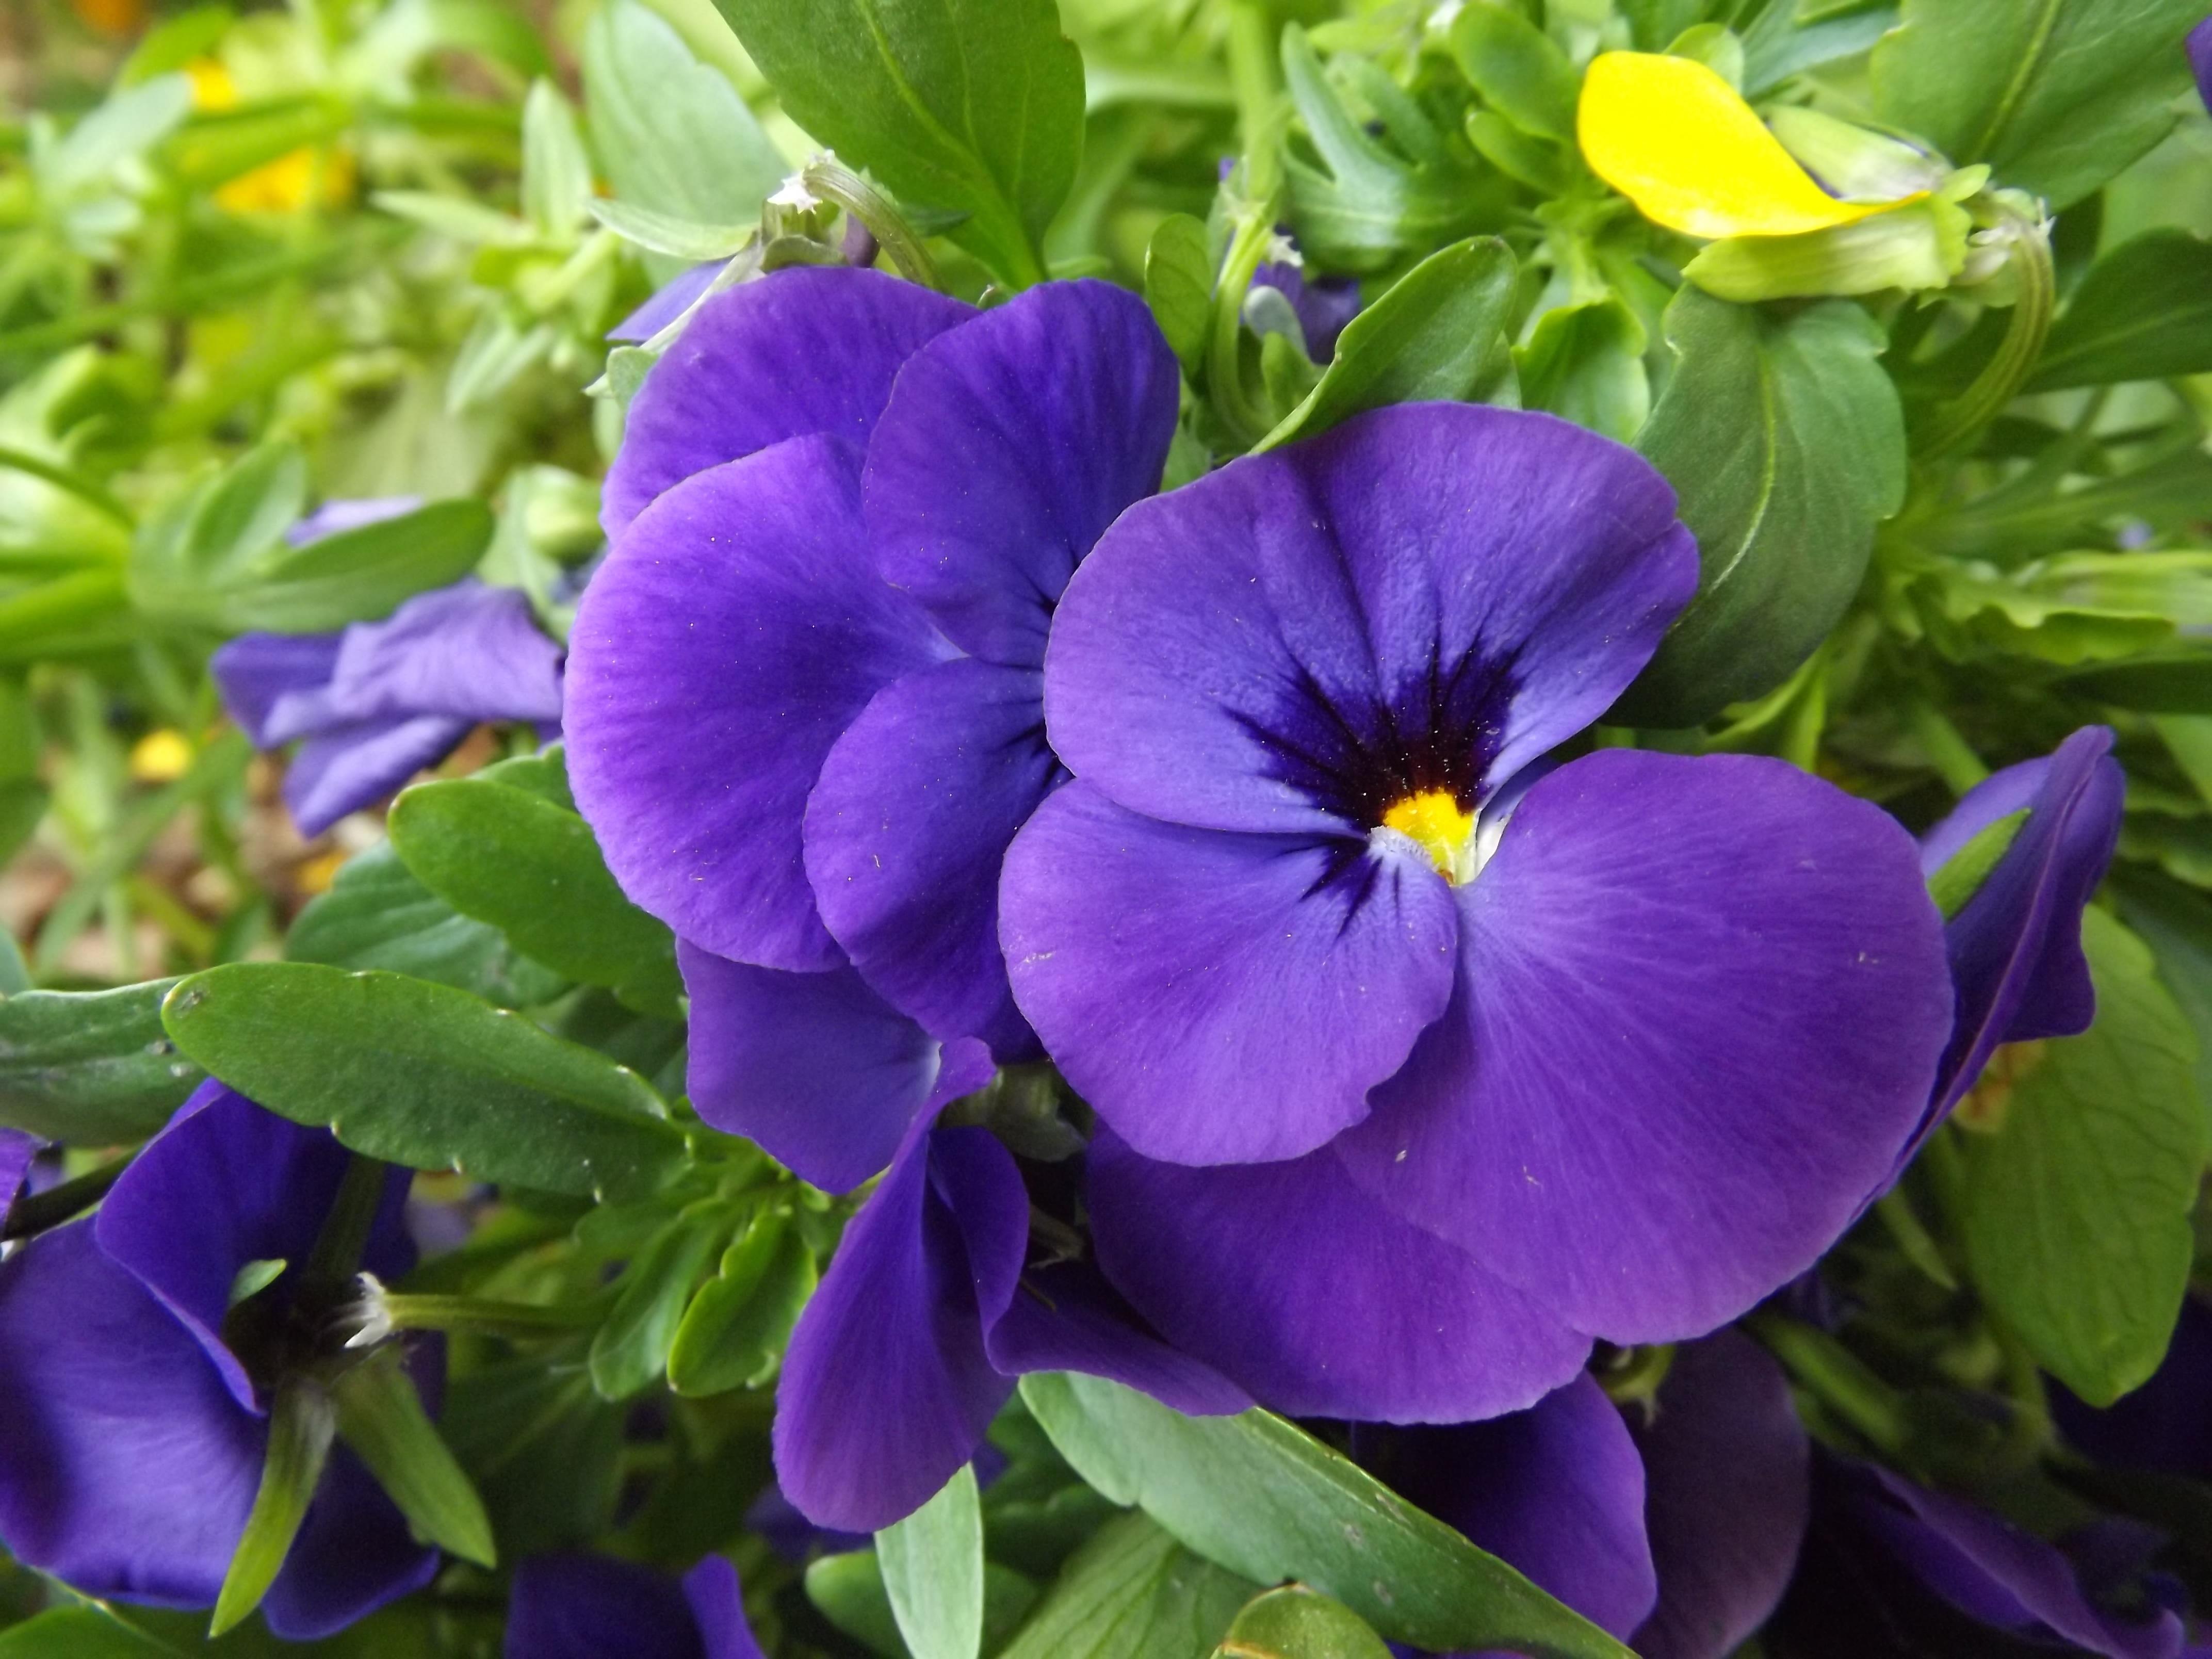 Images gratuites violet p tale macro flore fleur mauve debrecen hongrie alto pens e - Image fleur violette gratuite ...